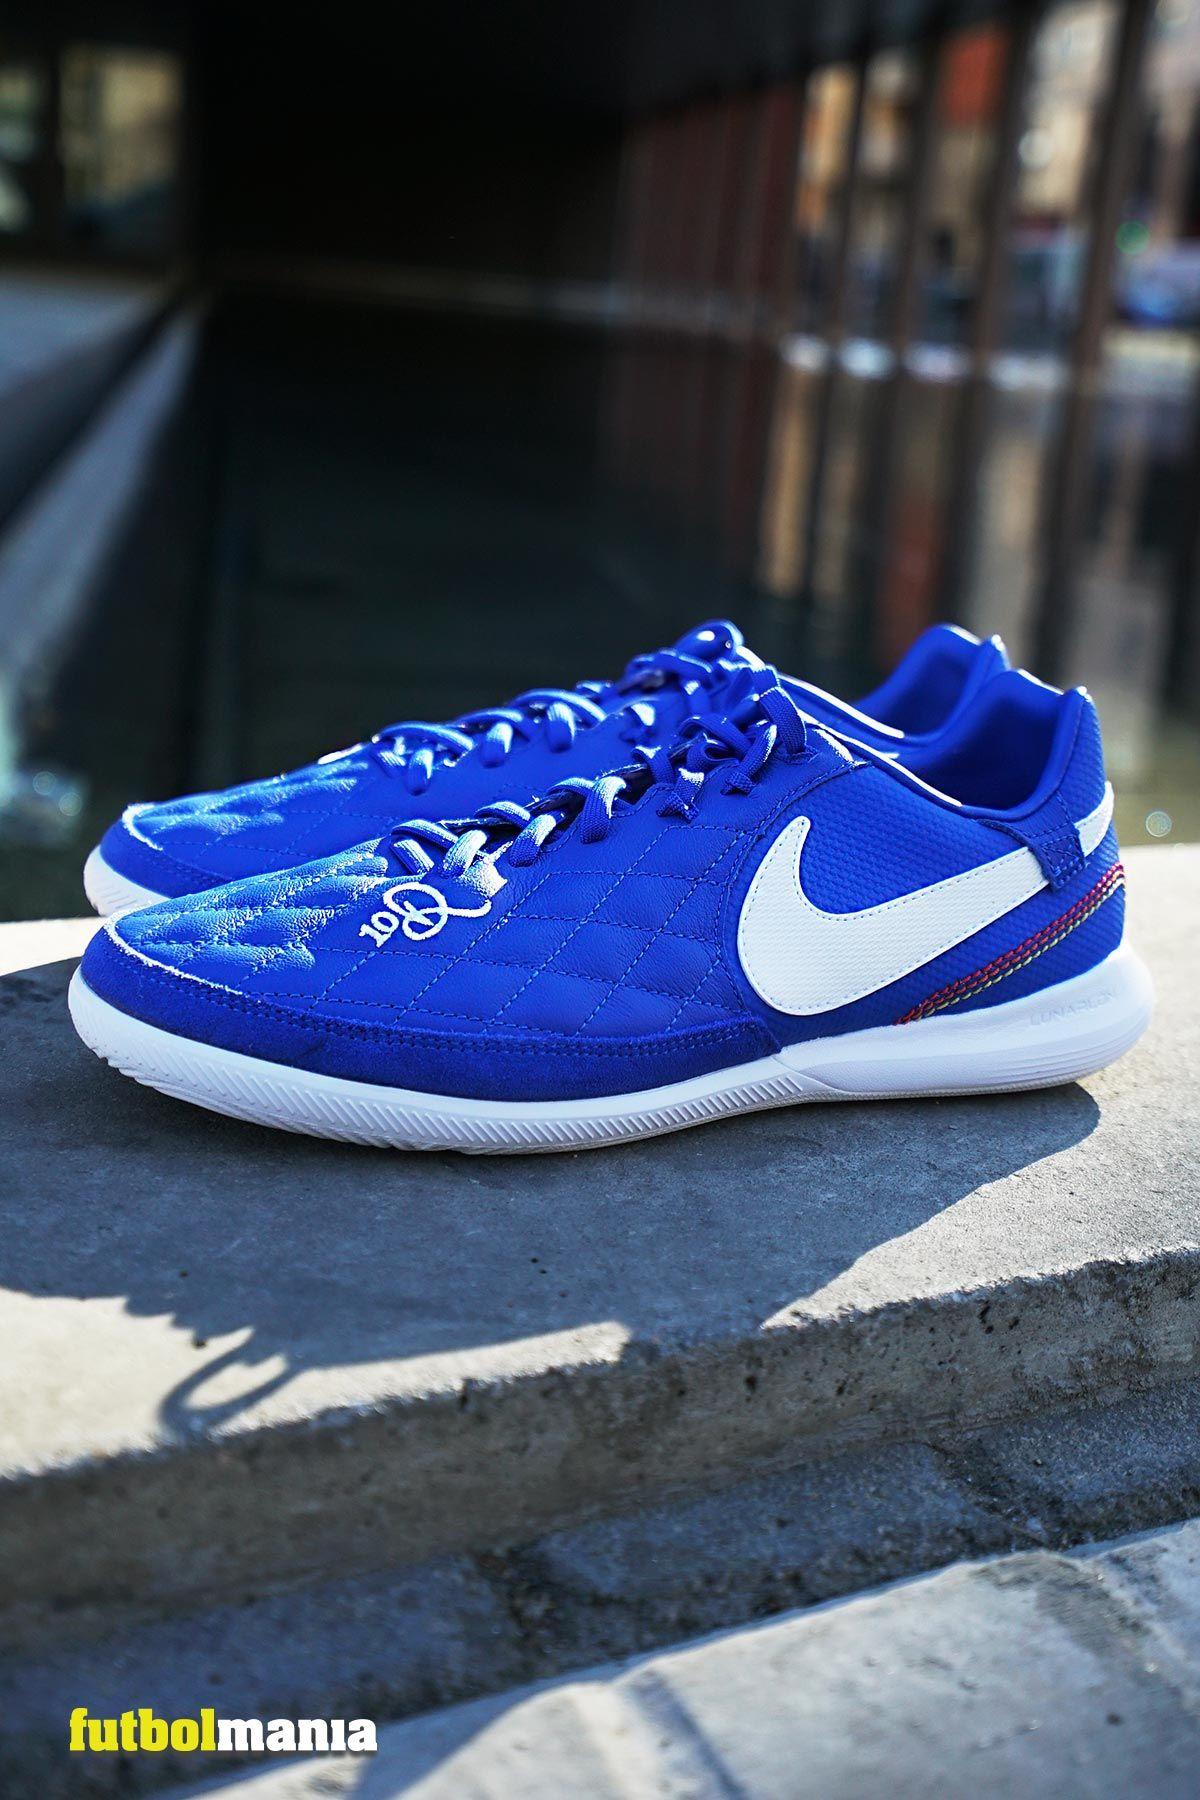 Botas y Zapatillas Nike Fútbol · Deportes · El Corte Inglés